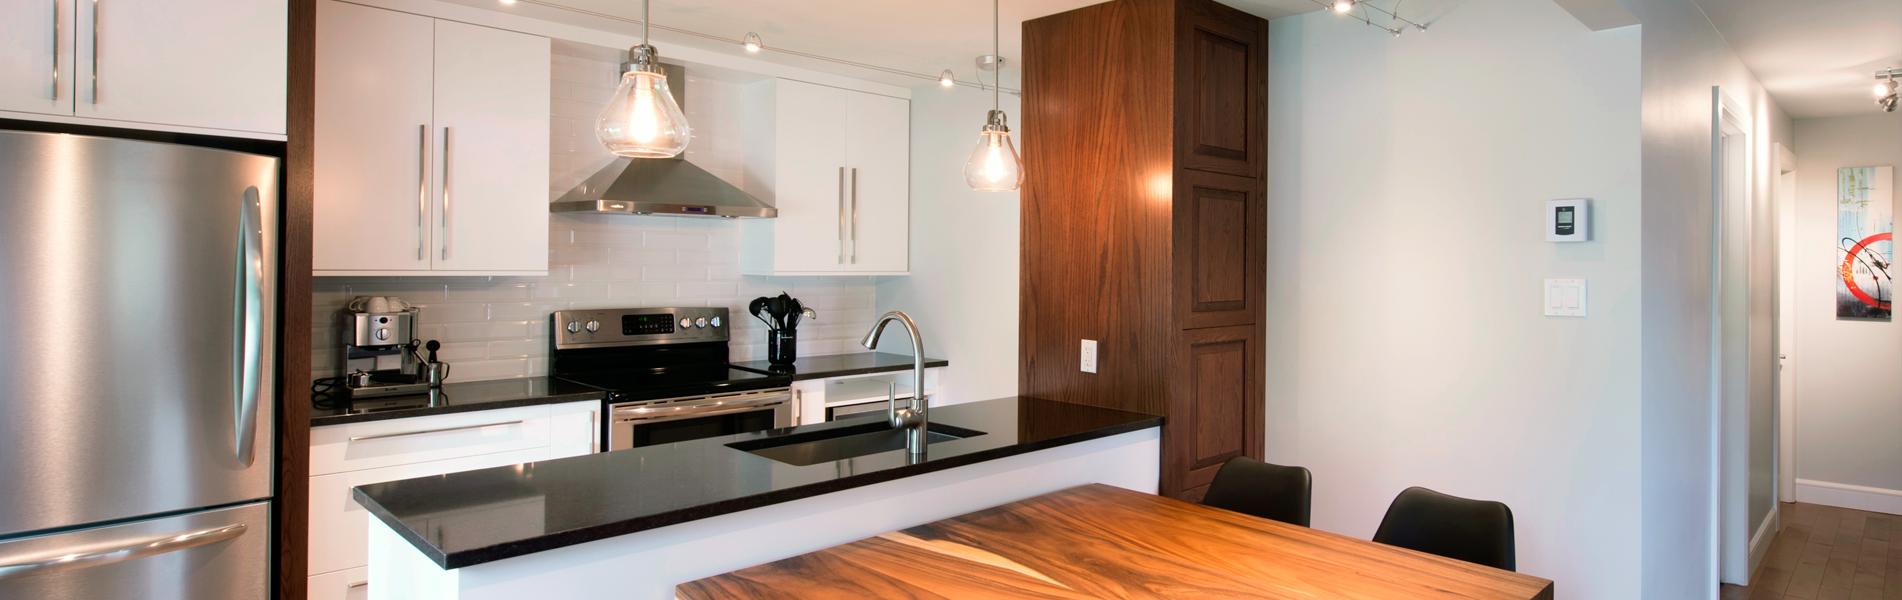 Cr ations folie bois armoires de cuisines en mdf laqu for Cuisine mdf laque